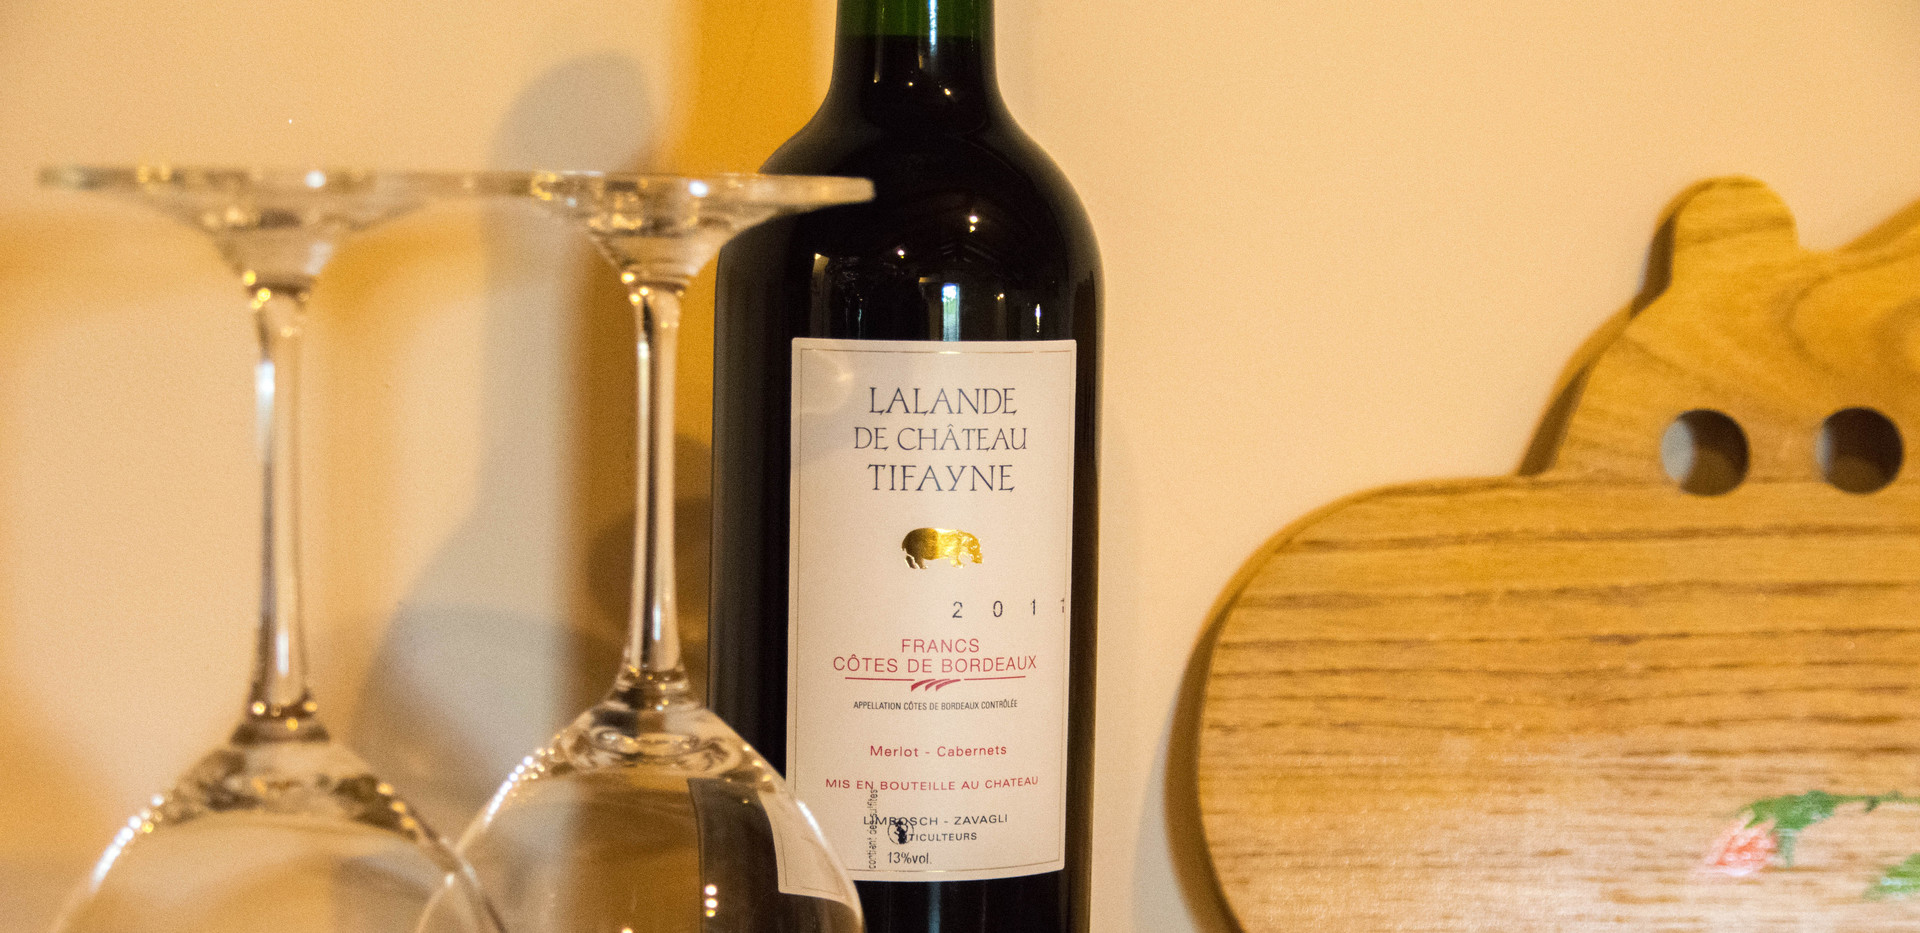 Un verre de vin rouge TIFAYNE - Francs Côtes de Castillon